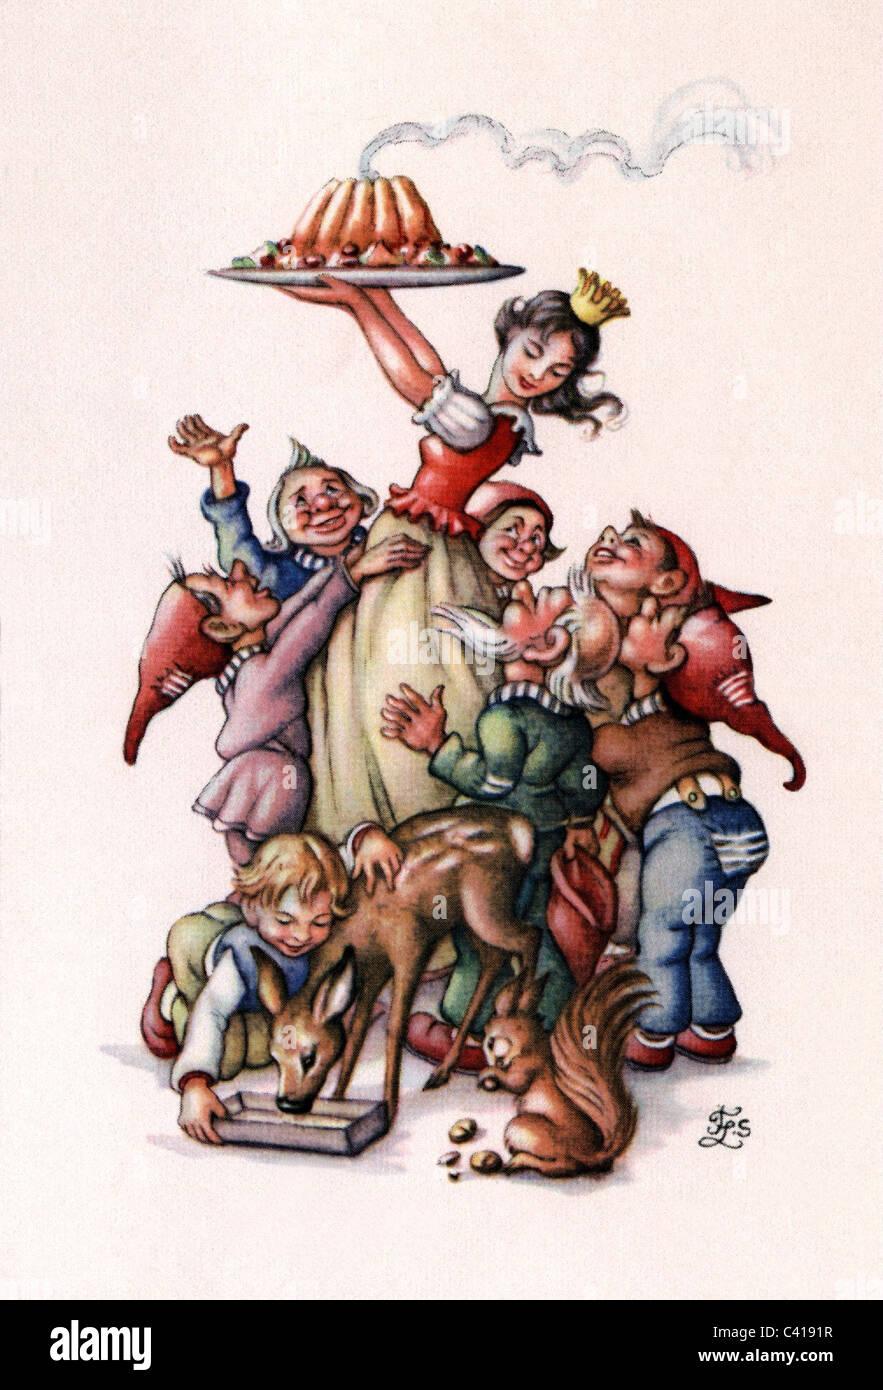 """La letteratura, la favola di Grimm fiaba, """"Biancaneve e i sette nani"""", illustrazione colorata, Additional Immagini Stock"""